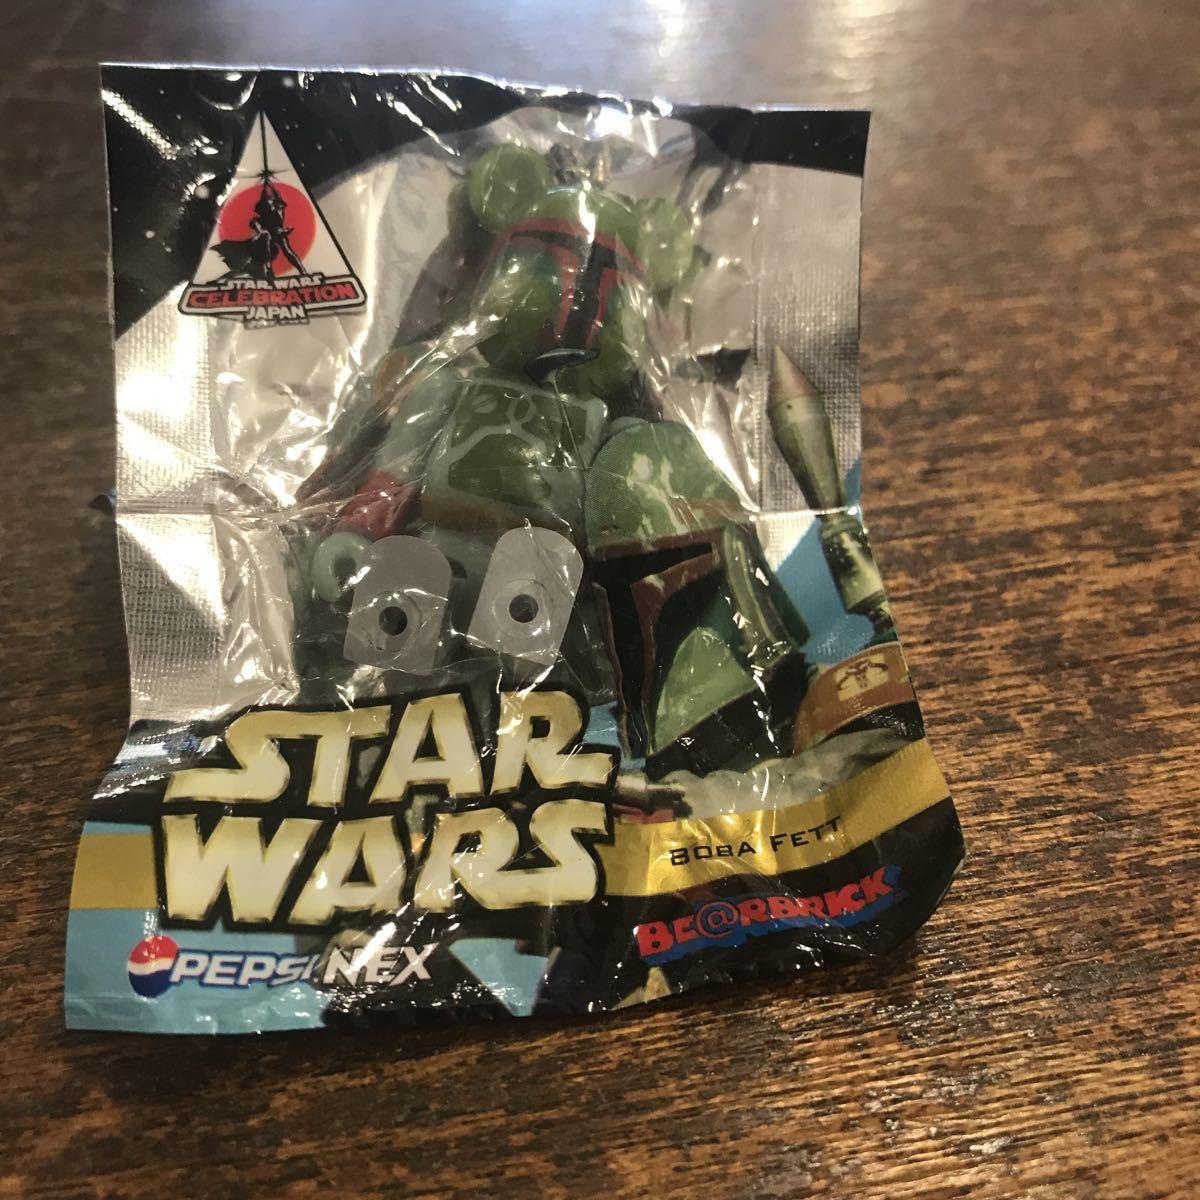 希少 ベプシ PEPSI NEX star wars スターウォーズ 未開封 ボバ・フェット(Boba Fett)ベアブリック_画像1